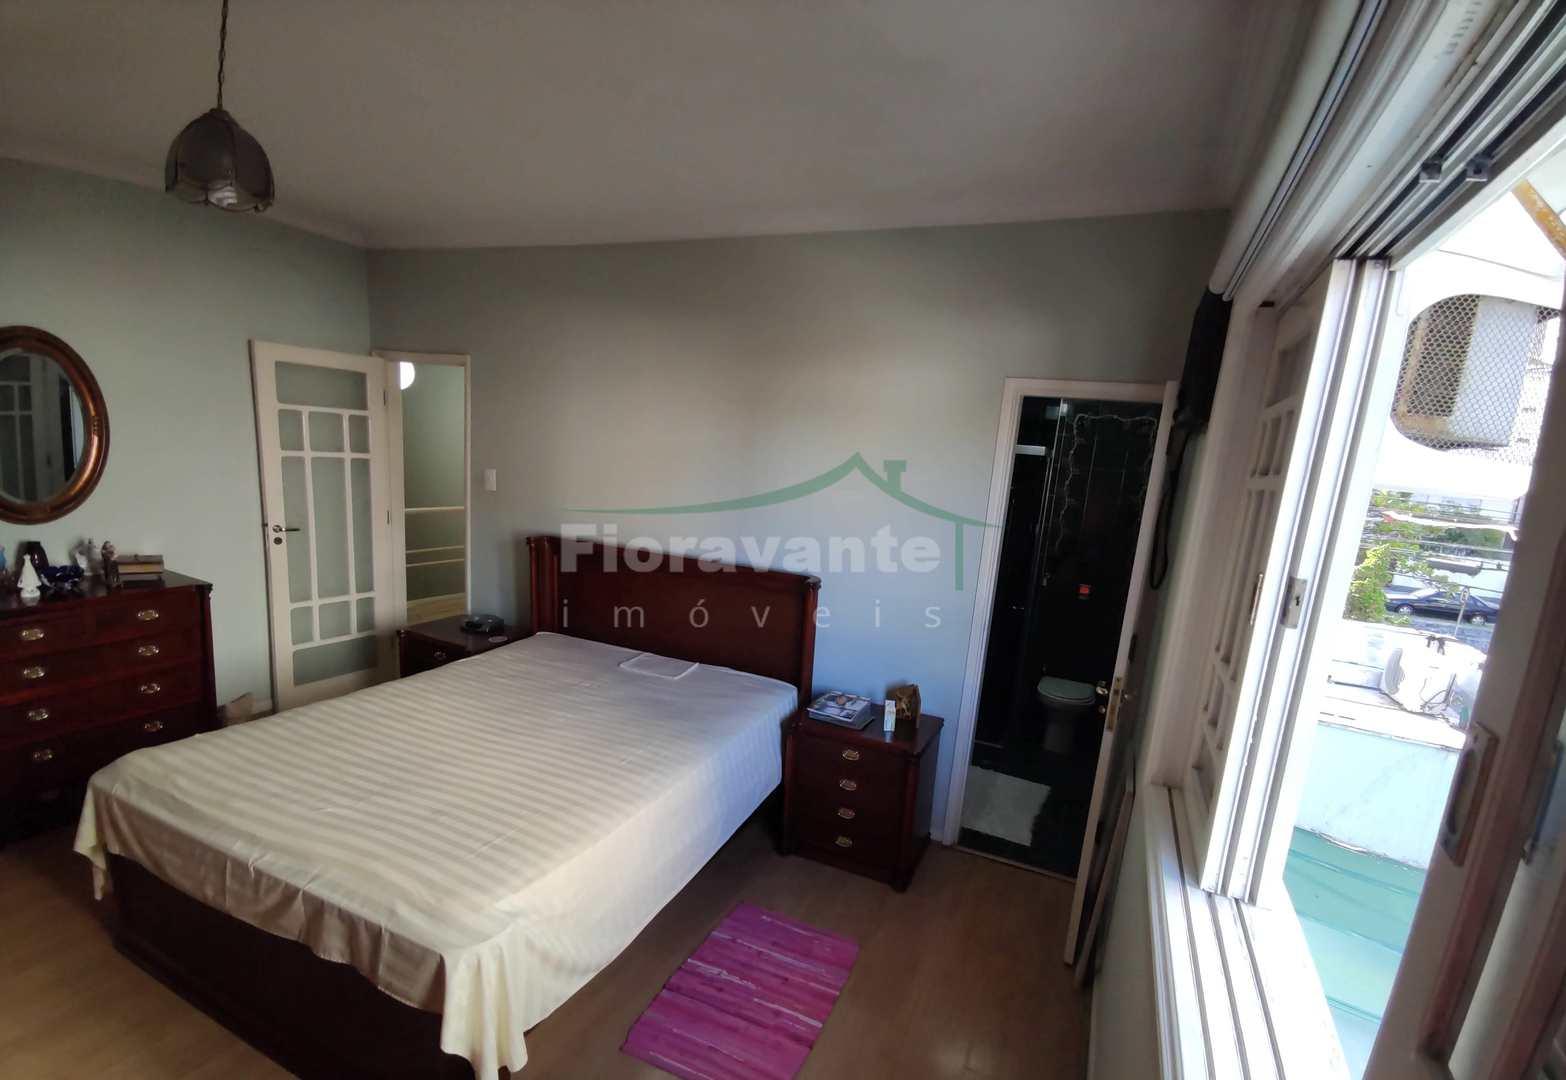 Casa com 4 dorms, 2 suítes. Venda ou Locação. Canal 6.